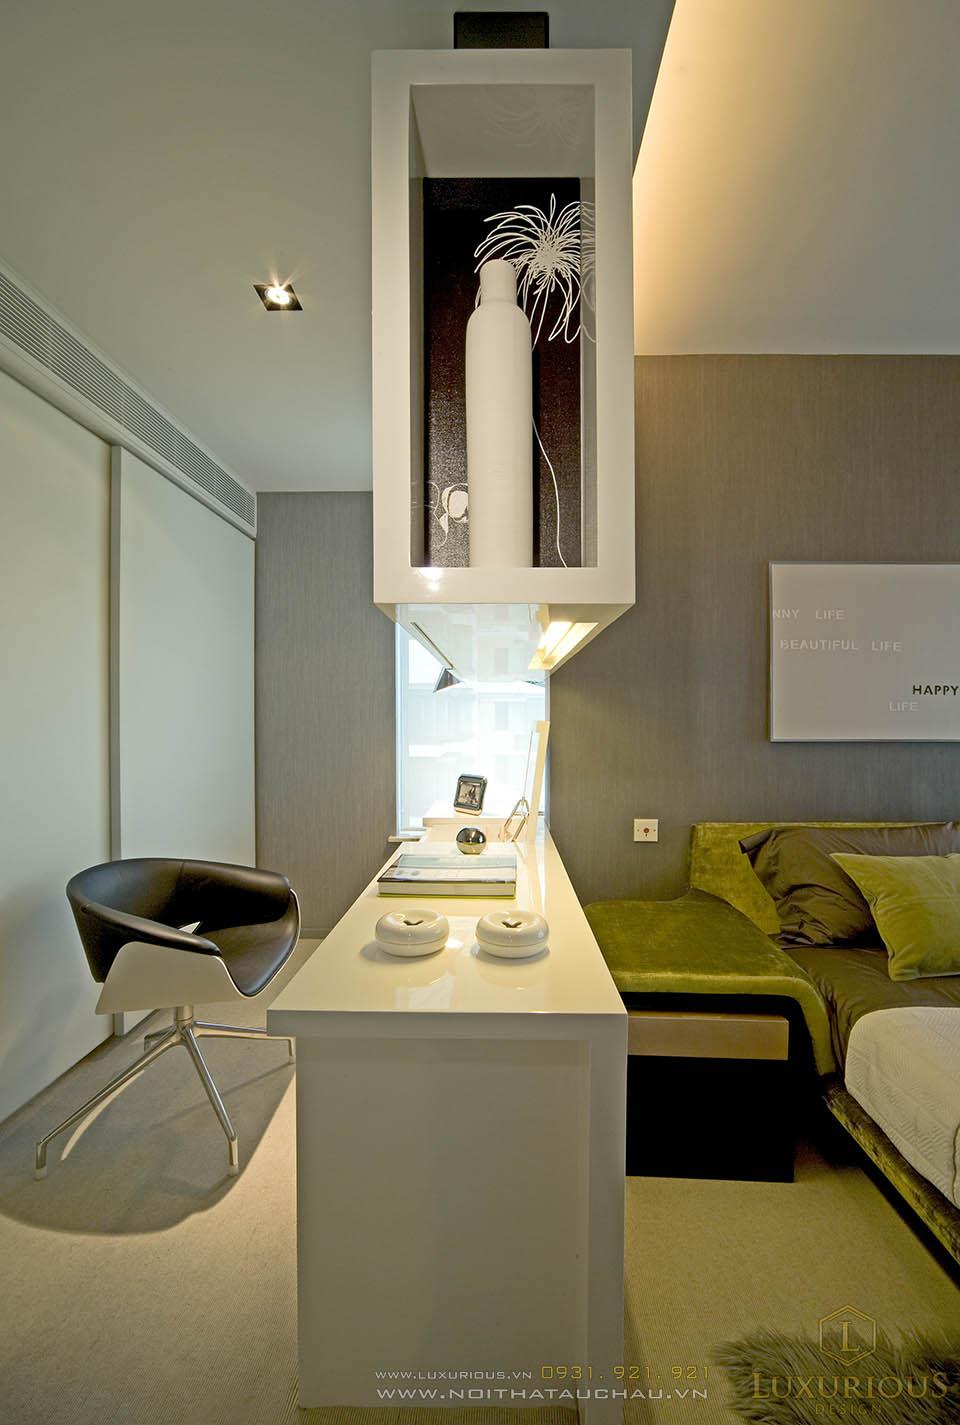 Thiết kế thi công nội thất chung cư mini 1 phòng ngủ